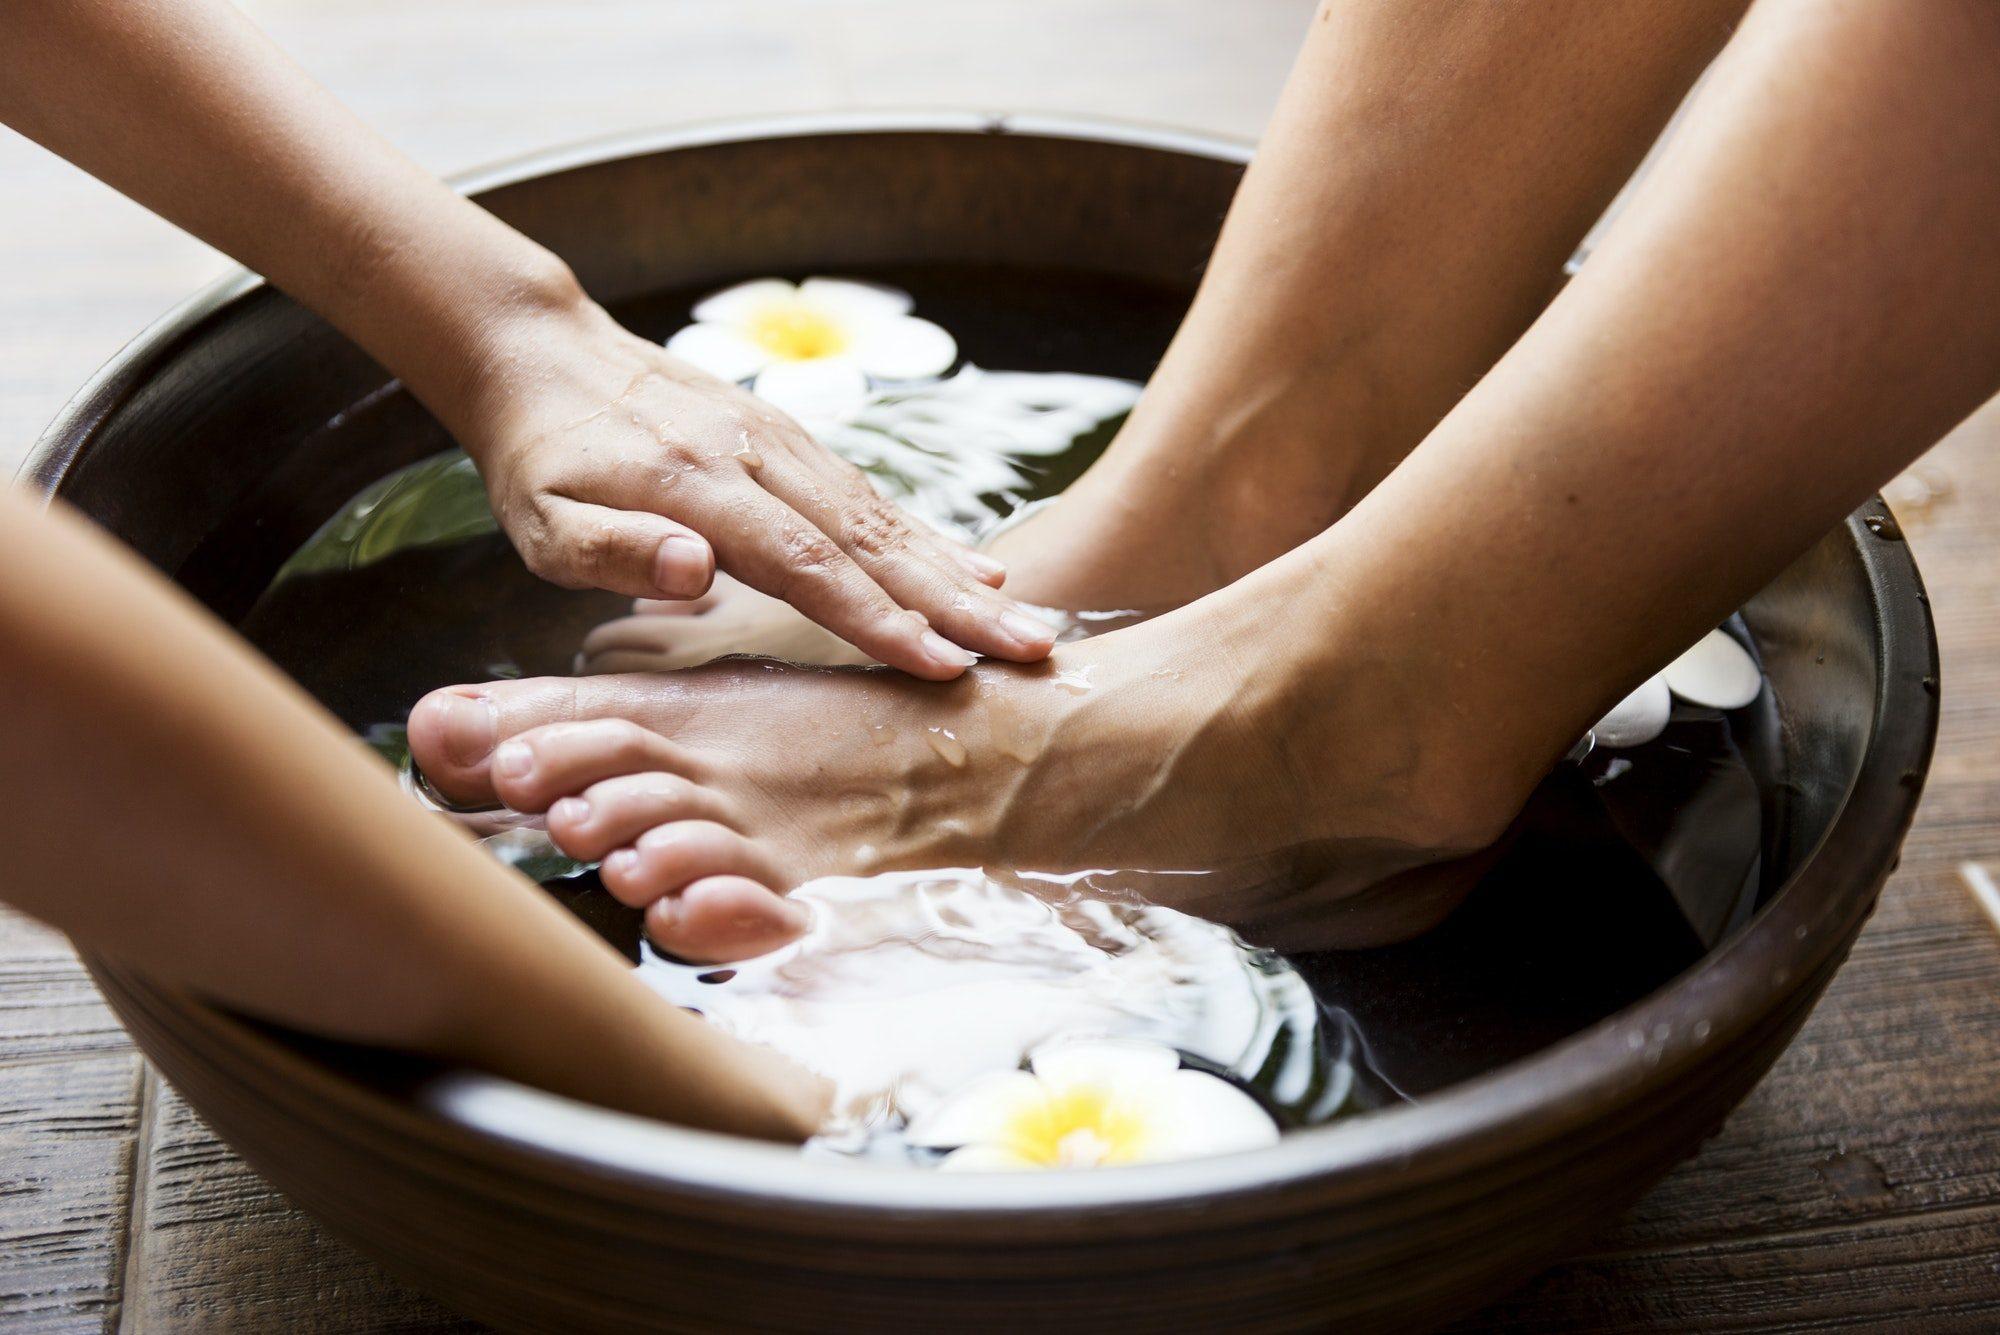 Füße werden massiert in einer Schüssel vor Wasser